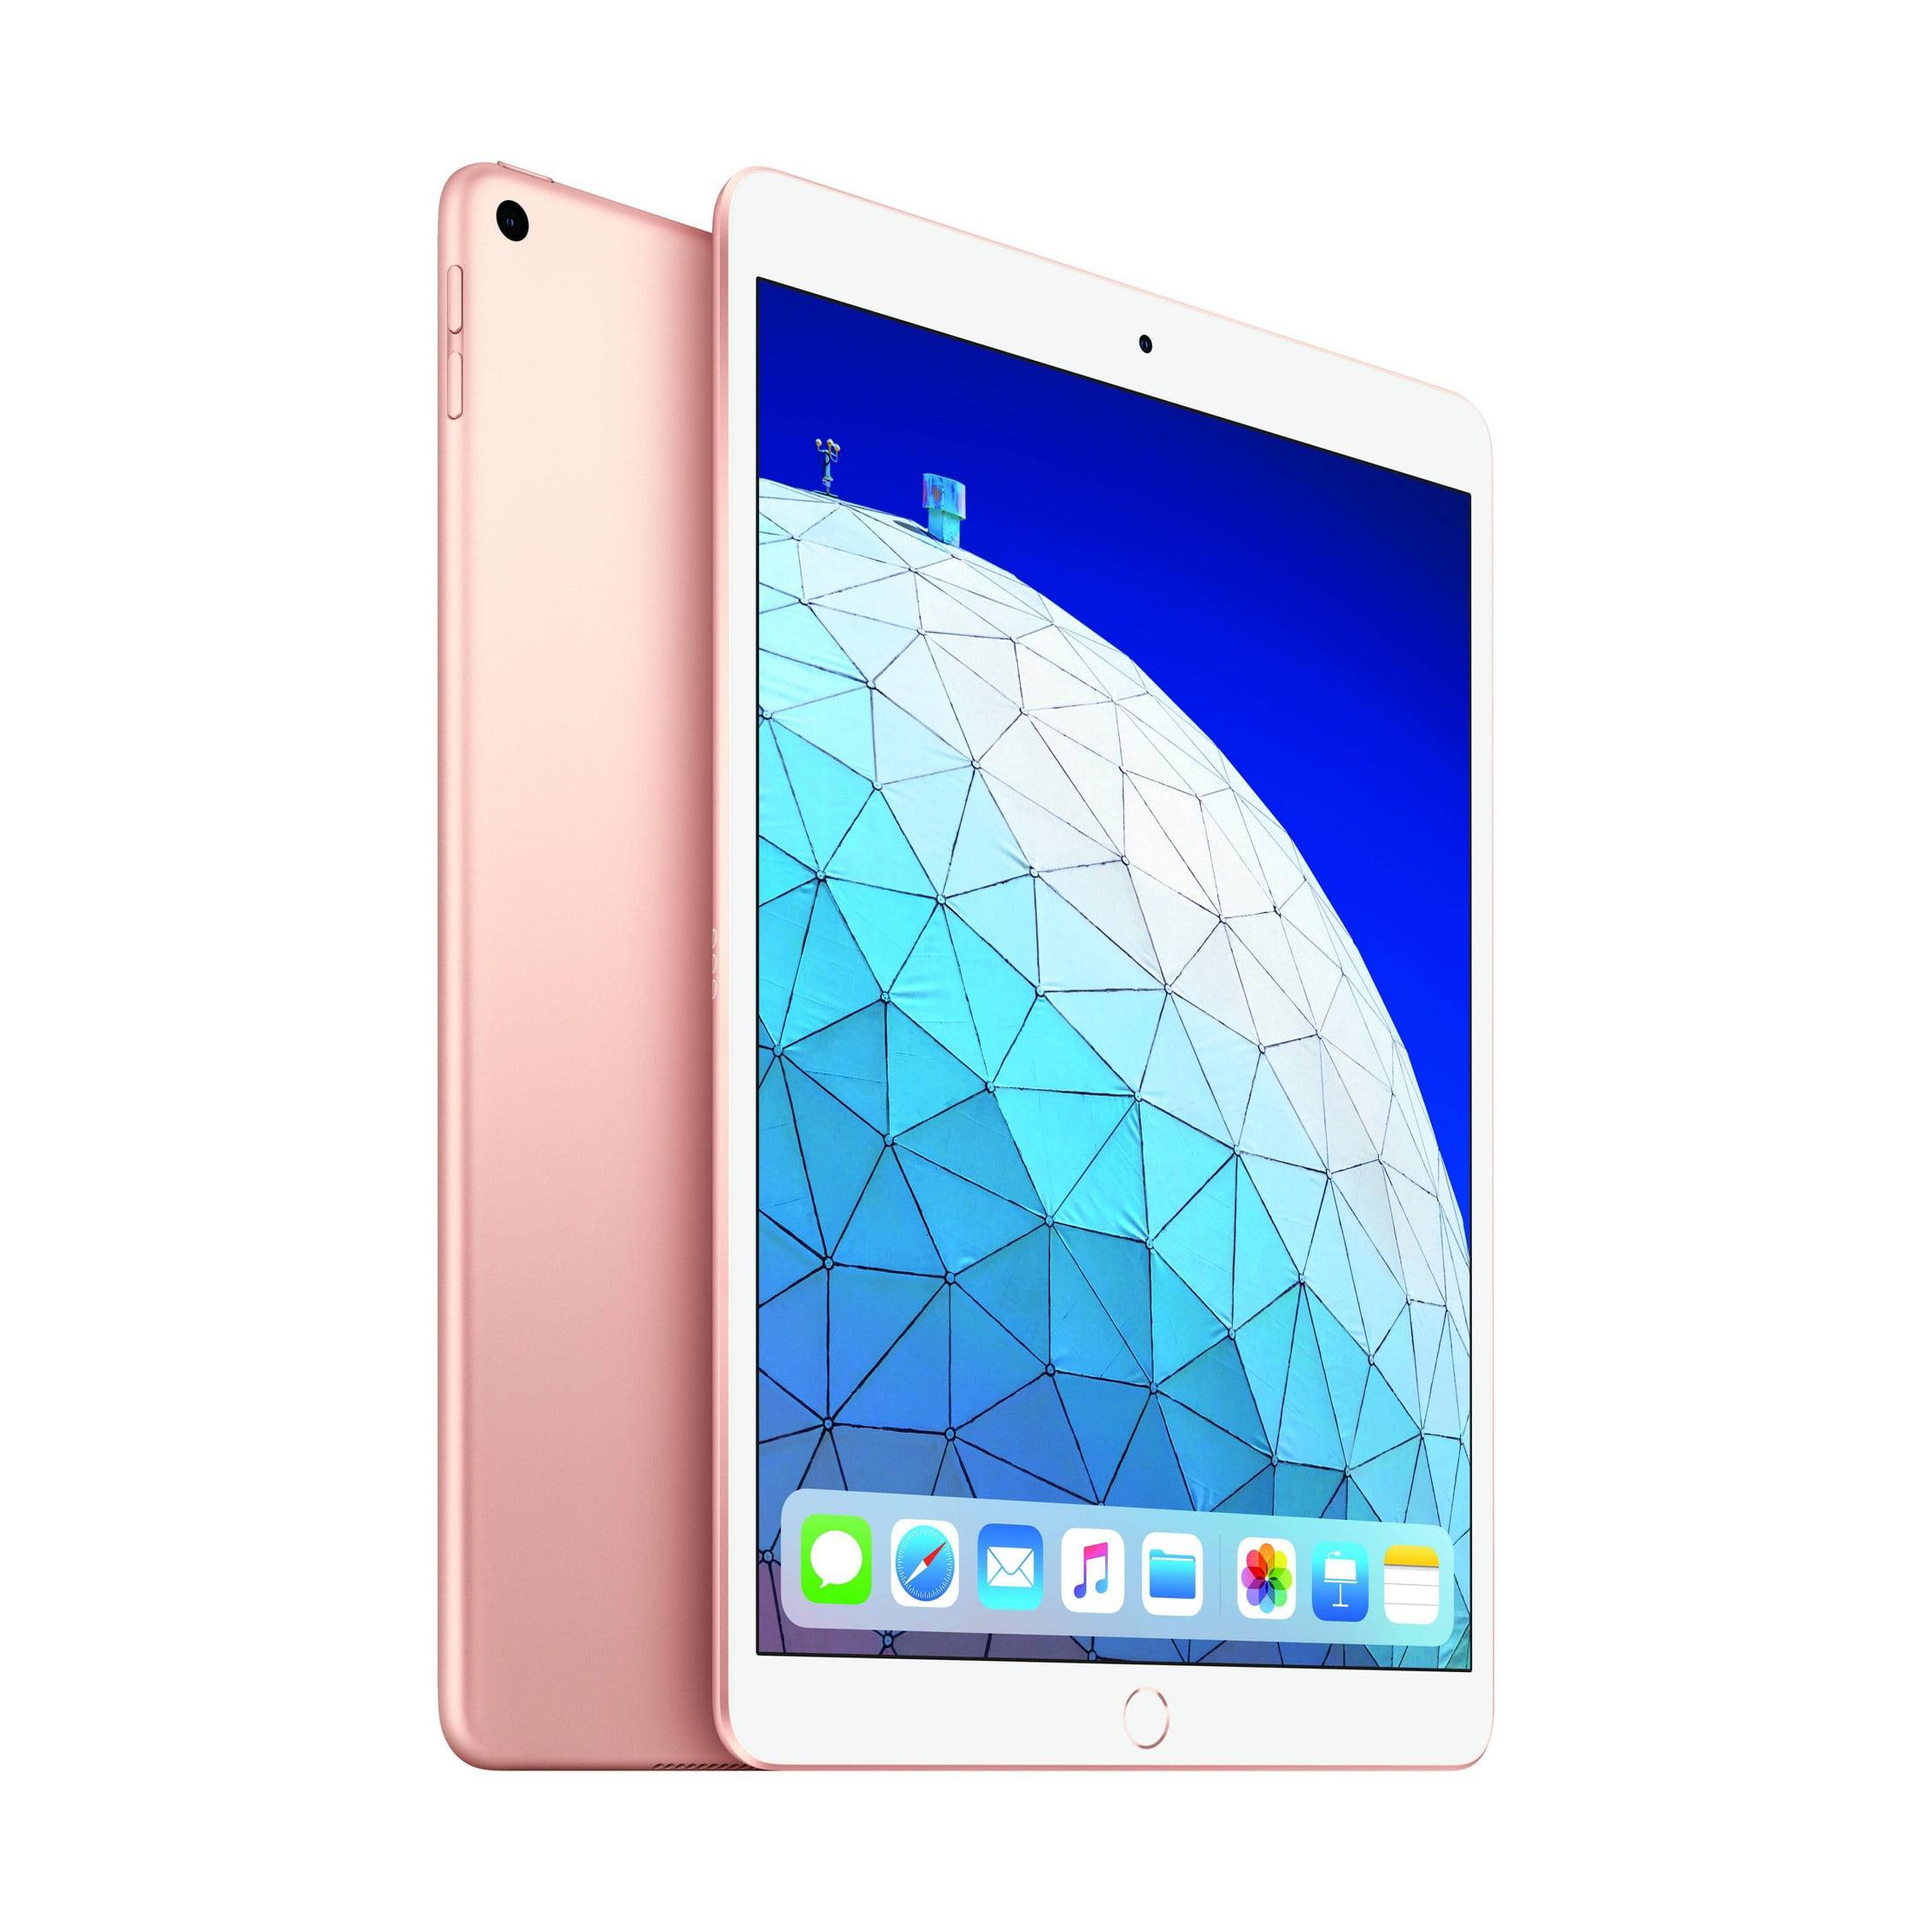 Refurbished Apple iPad Air 3 256GB Gold Wi-Fi MUUT2LL/A ...